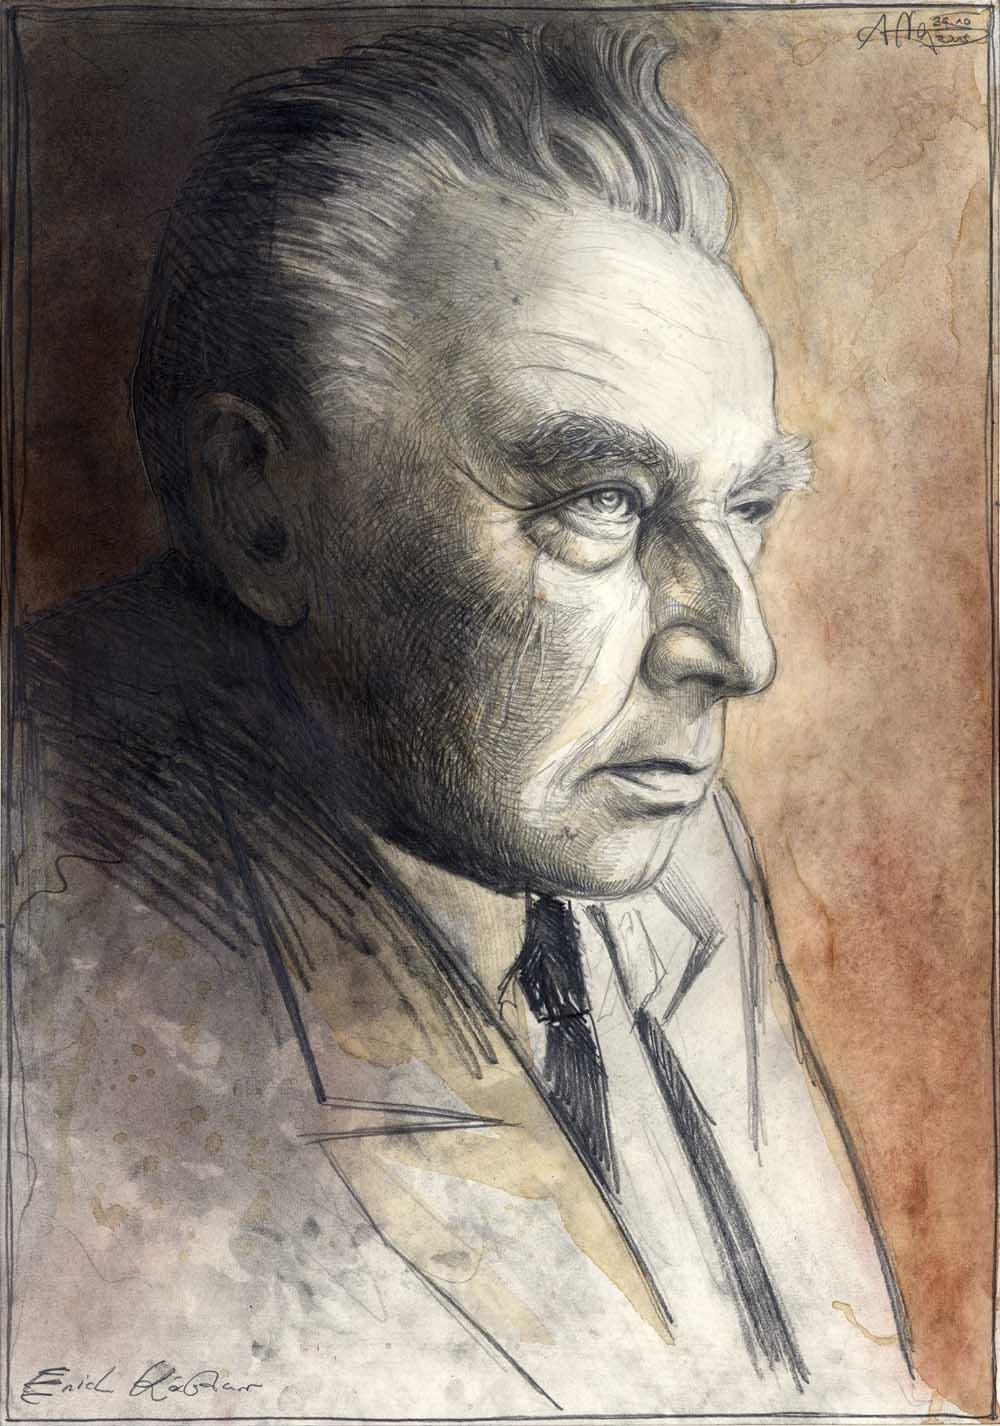 Резултат с изображение за Erich Kästner portrait